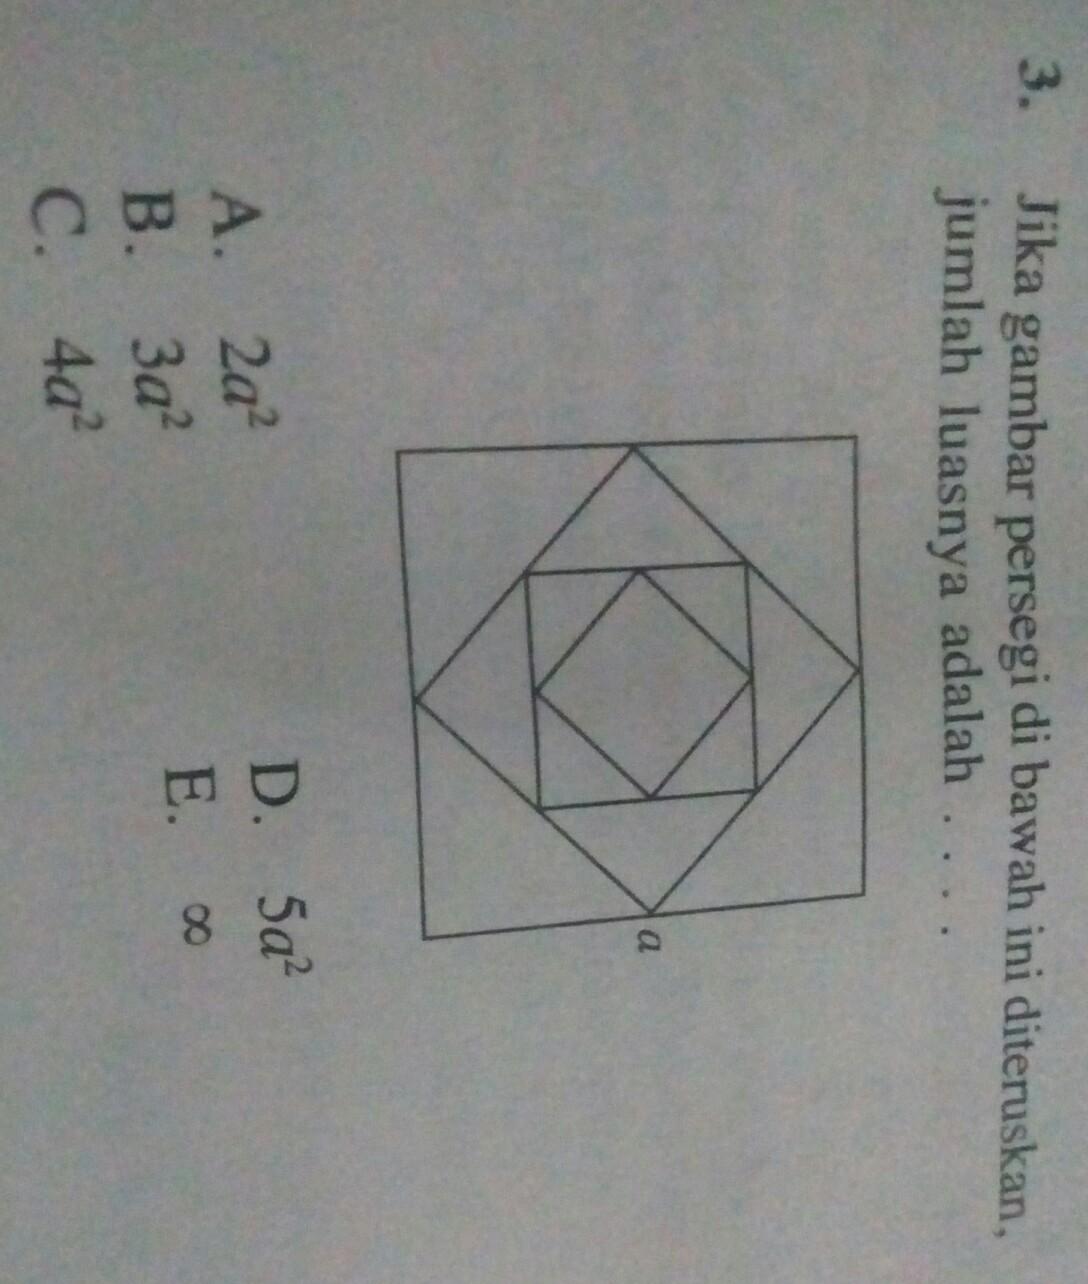 jika gambar persegi di bawah ini diteruskan. jumlah ...